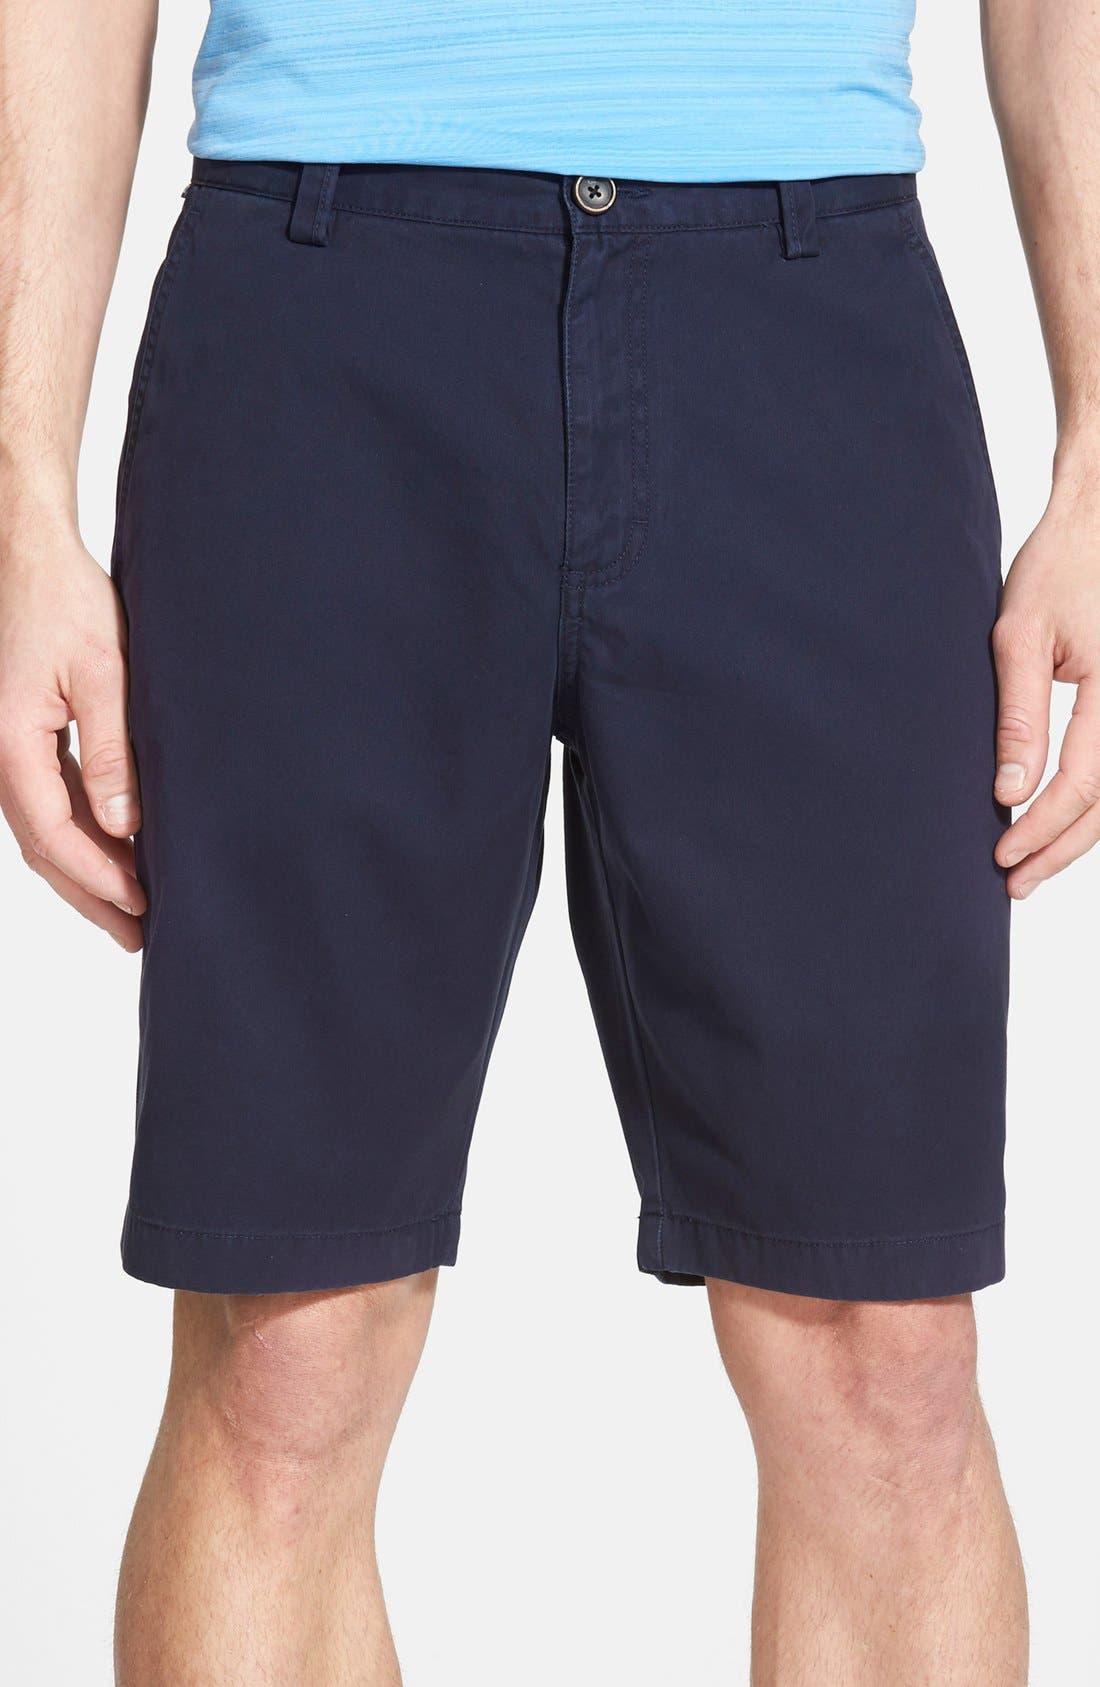 'Beckett' Shorts,                         Main,                         color, LIBERTY NAVY